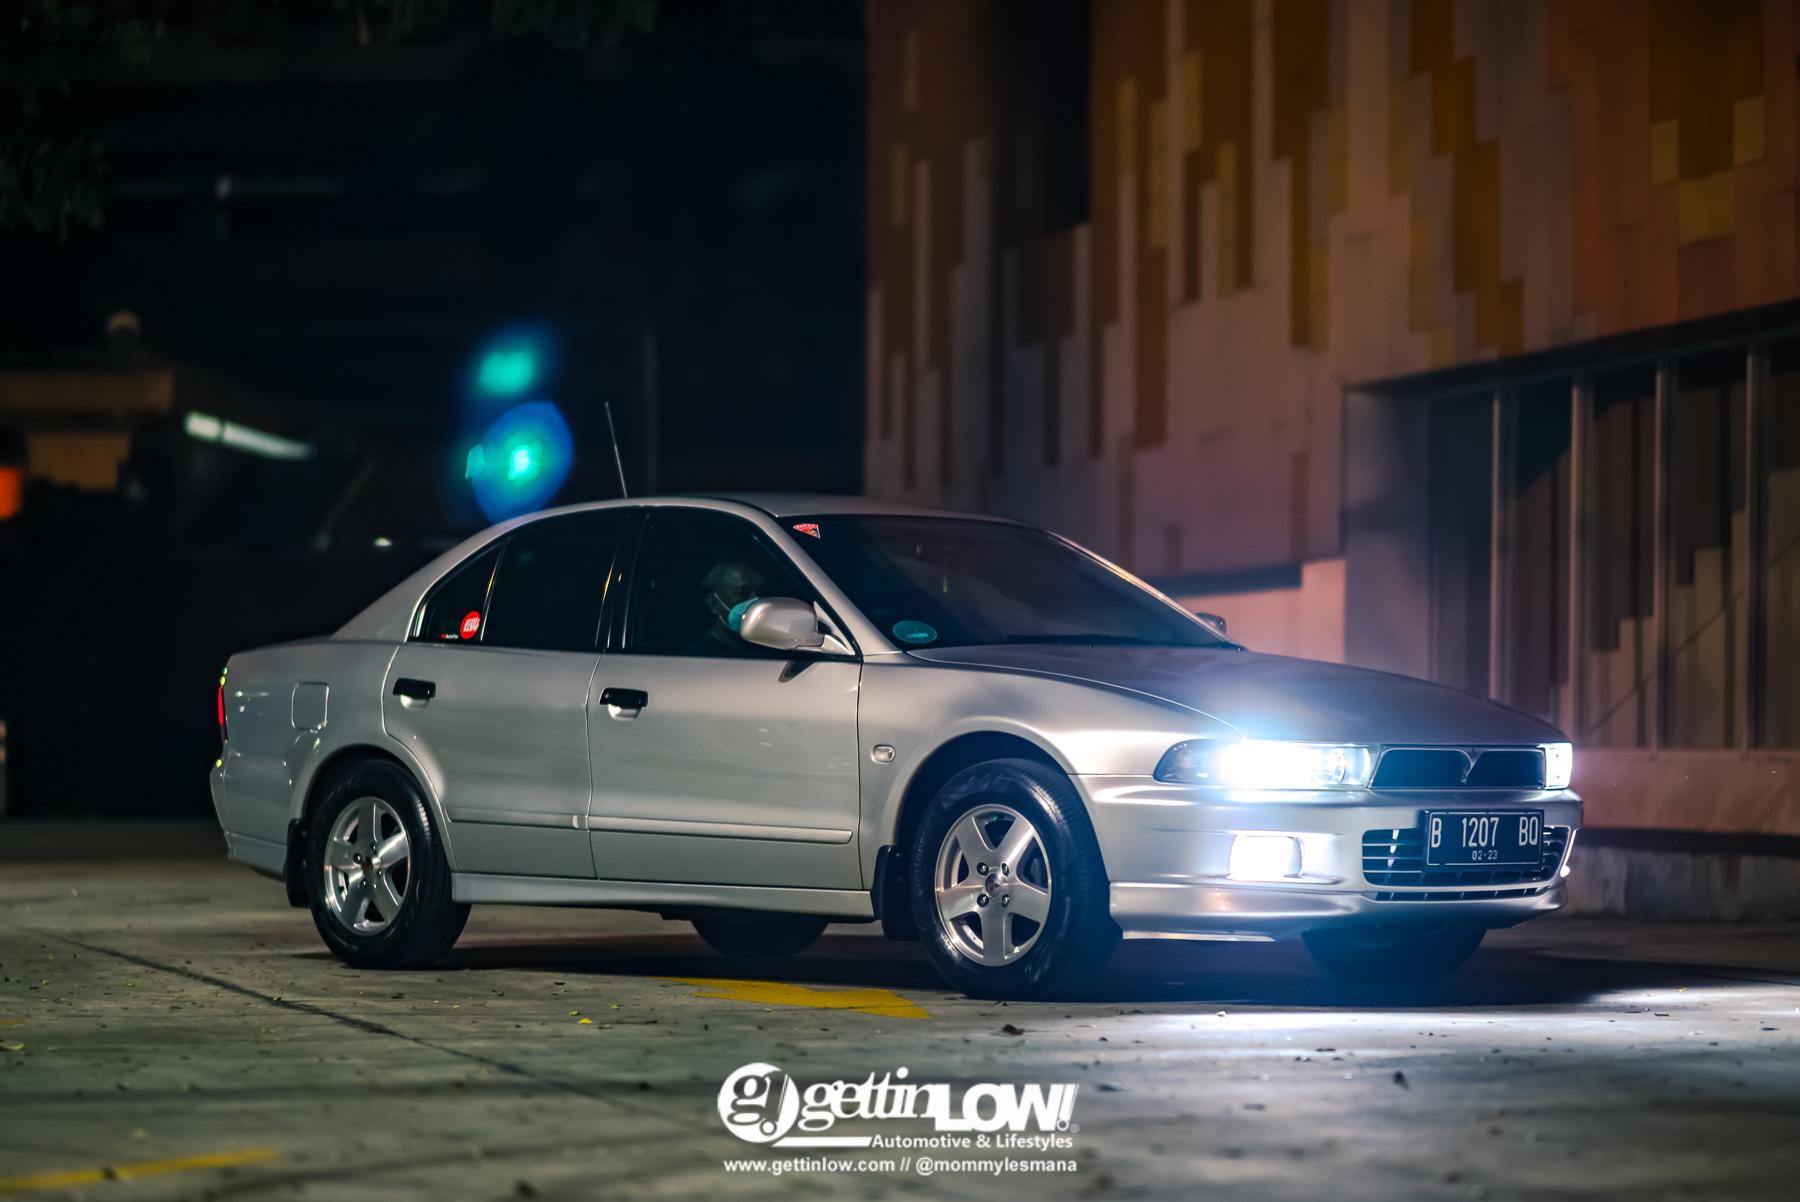 dalkot at night eps.4